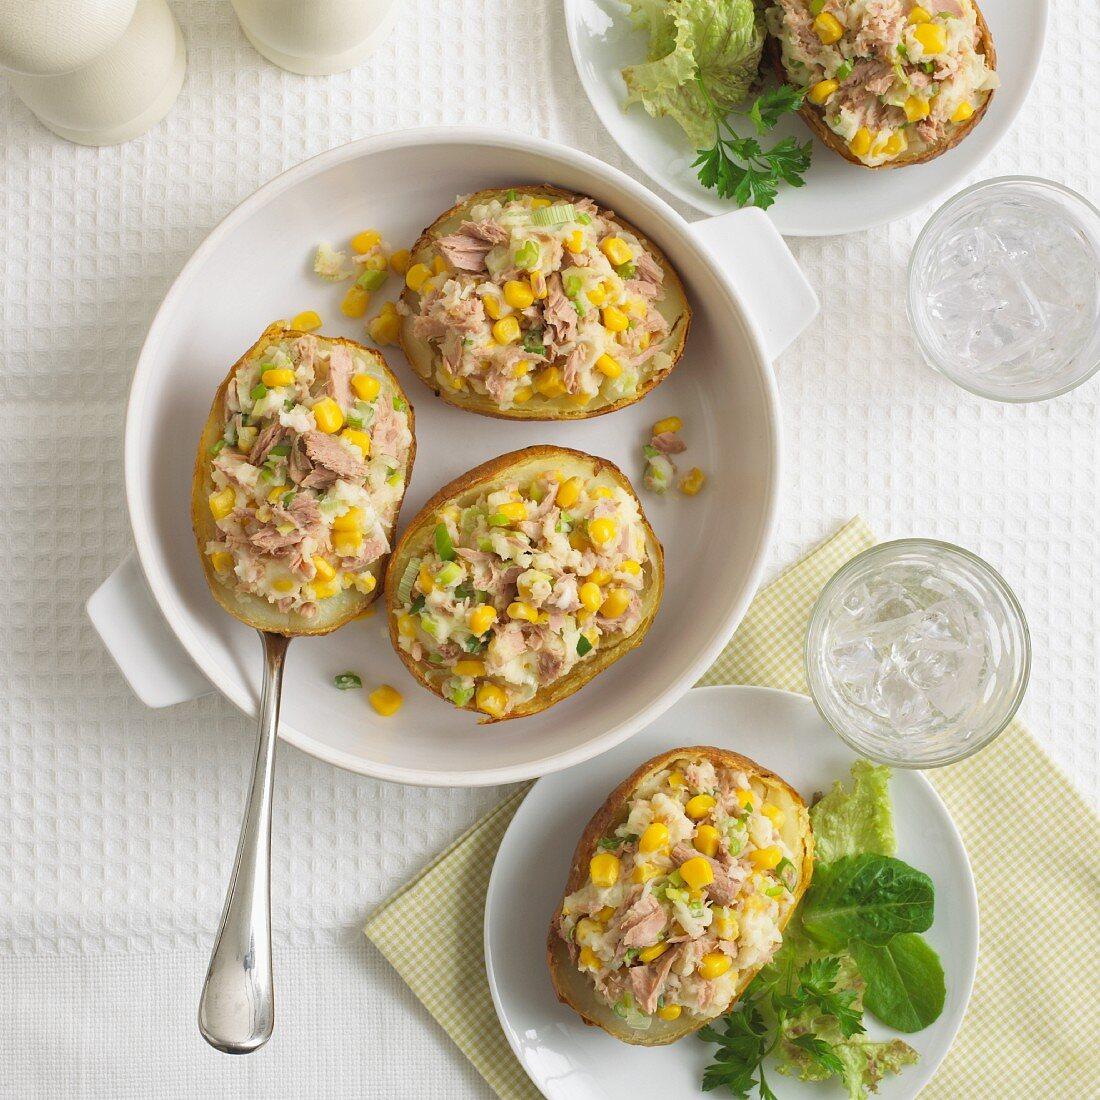 Jacket potatoes with tuna and sweetcorn